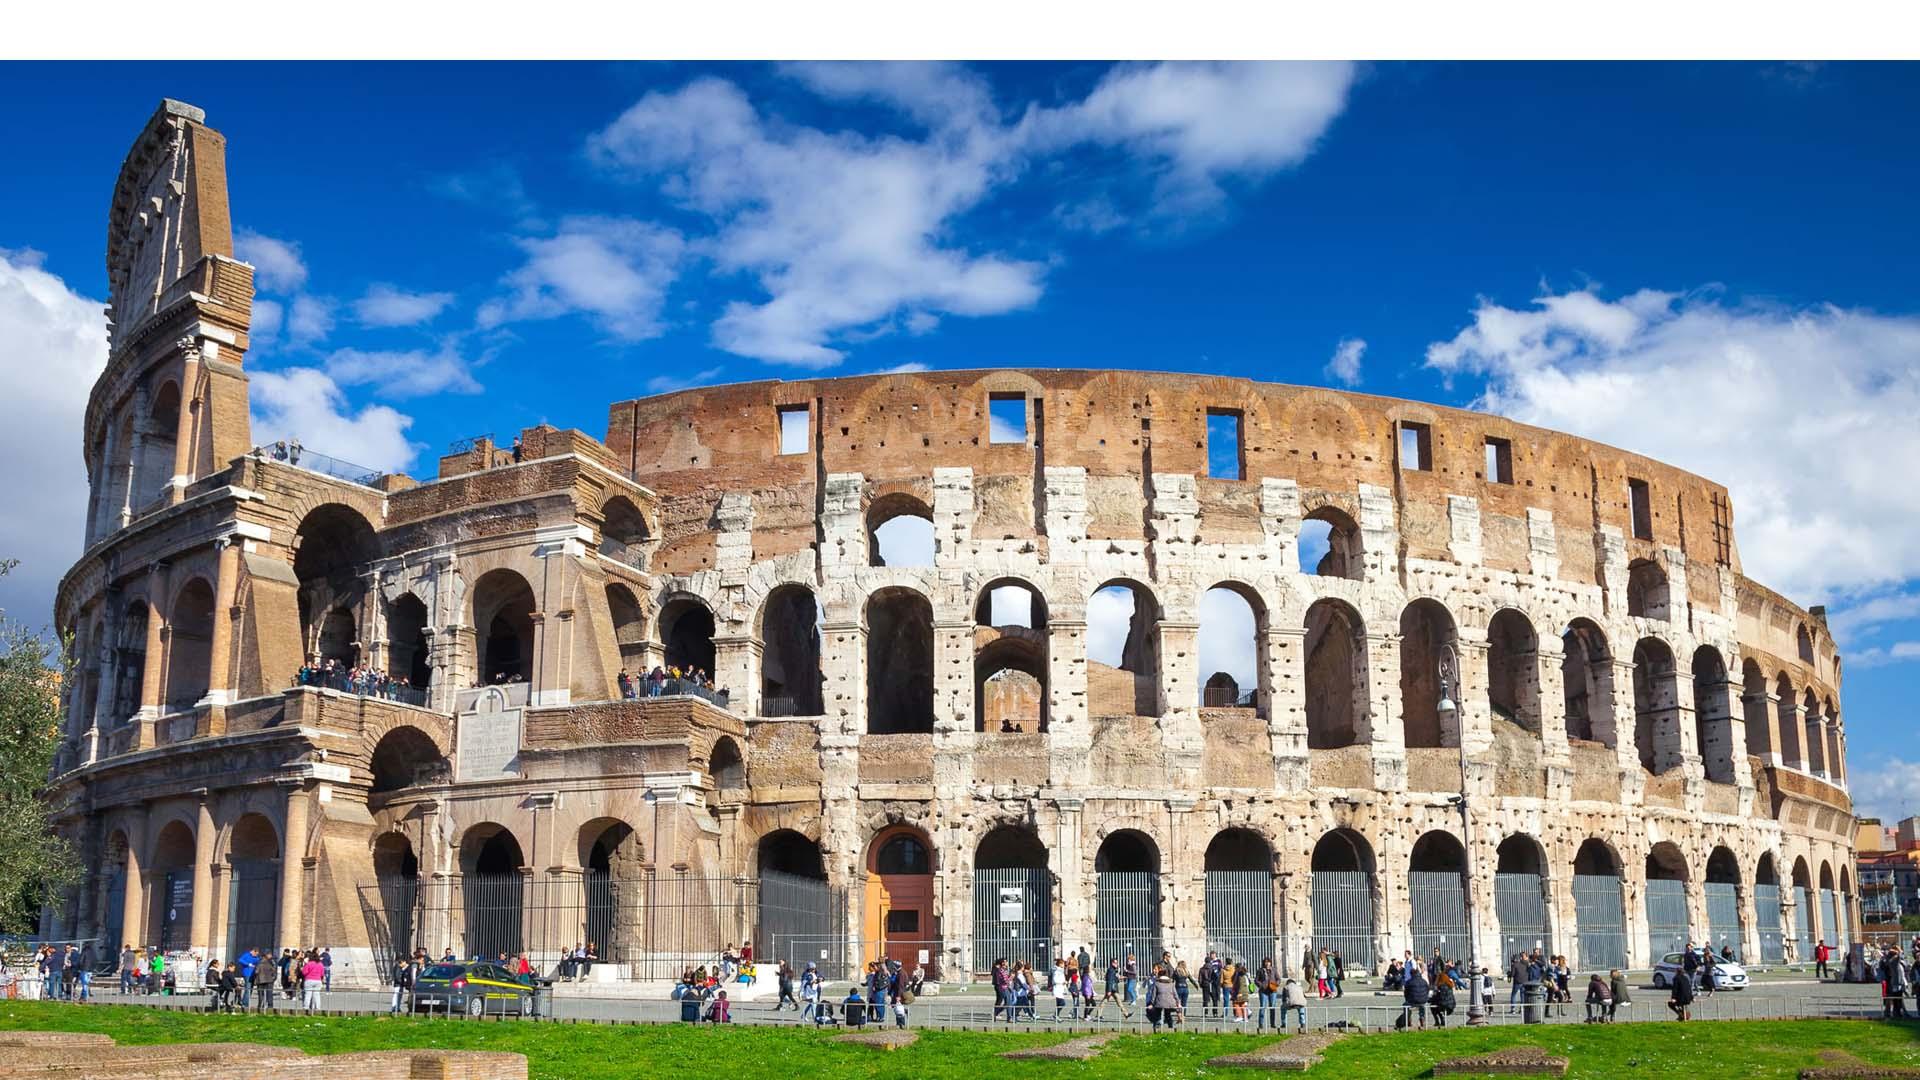 Tras el sismo que movió a Italia, las autoridades informaron que inspeccionarán el monumento más visitado del país